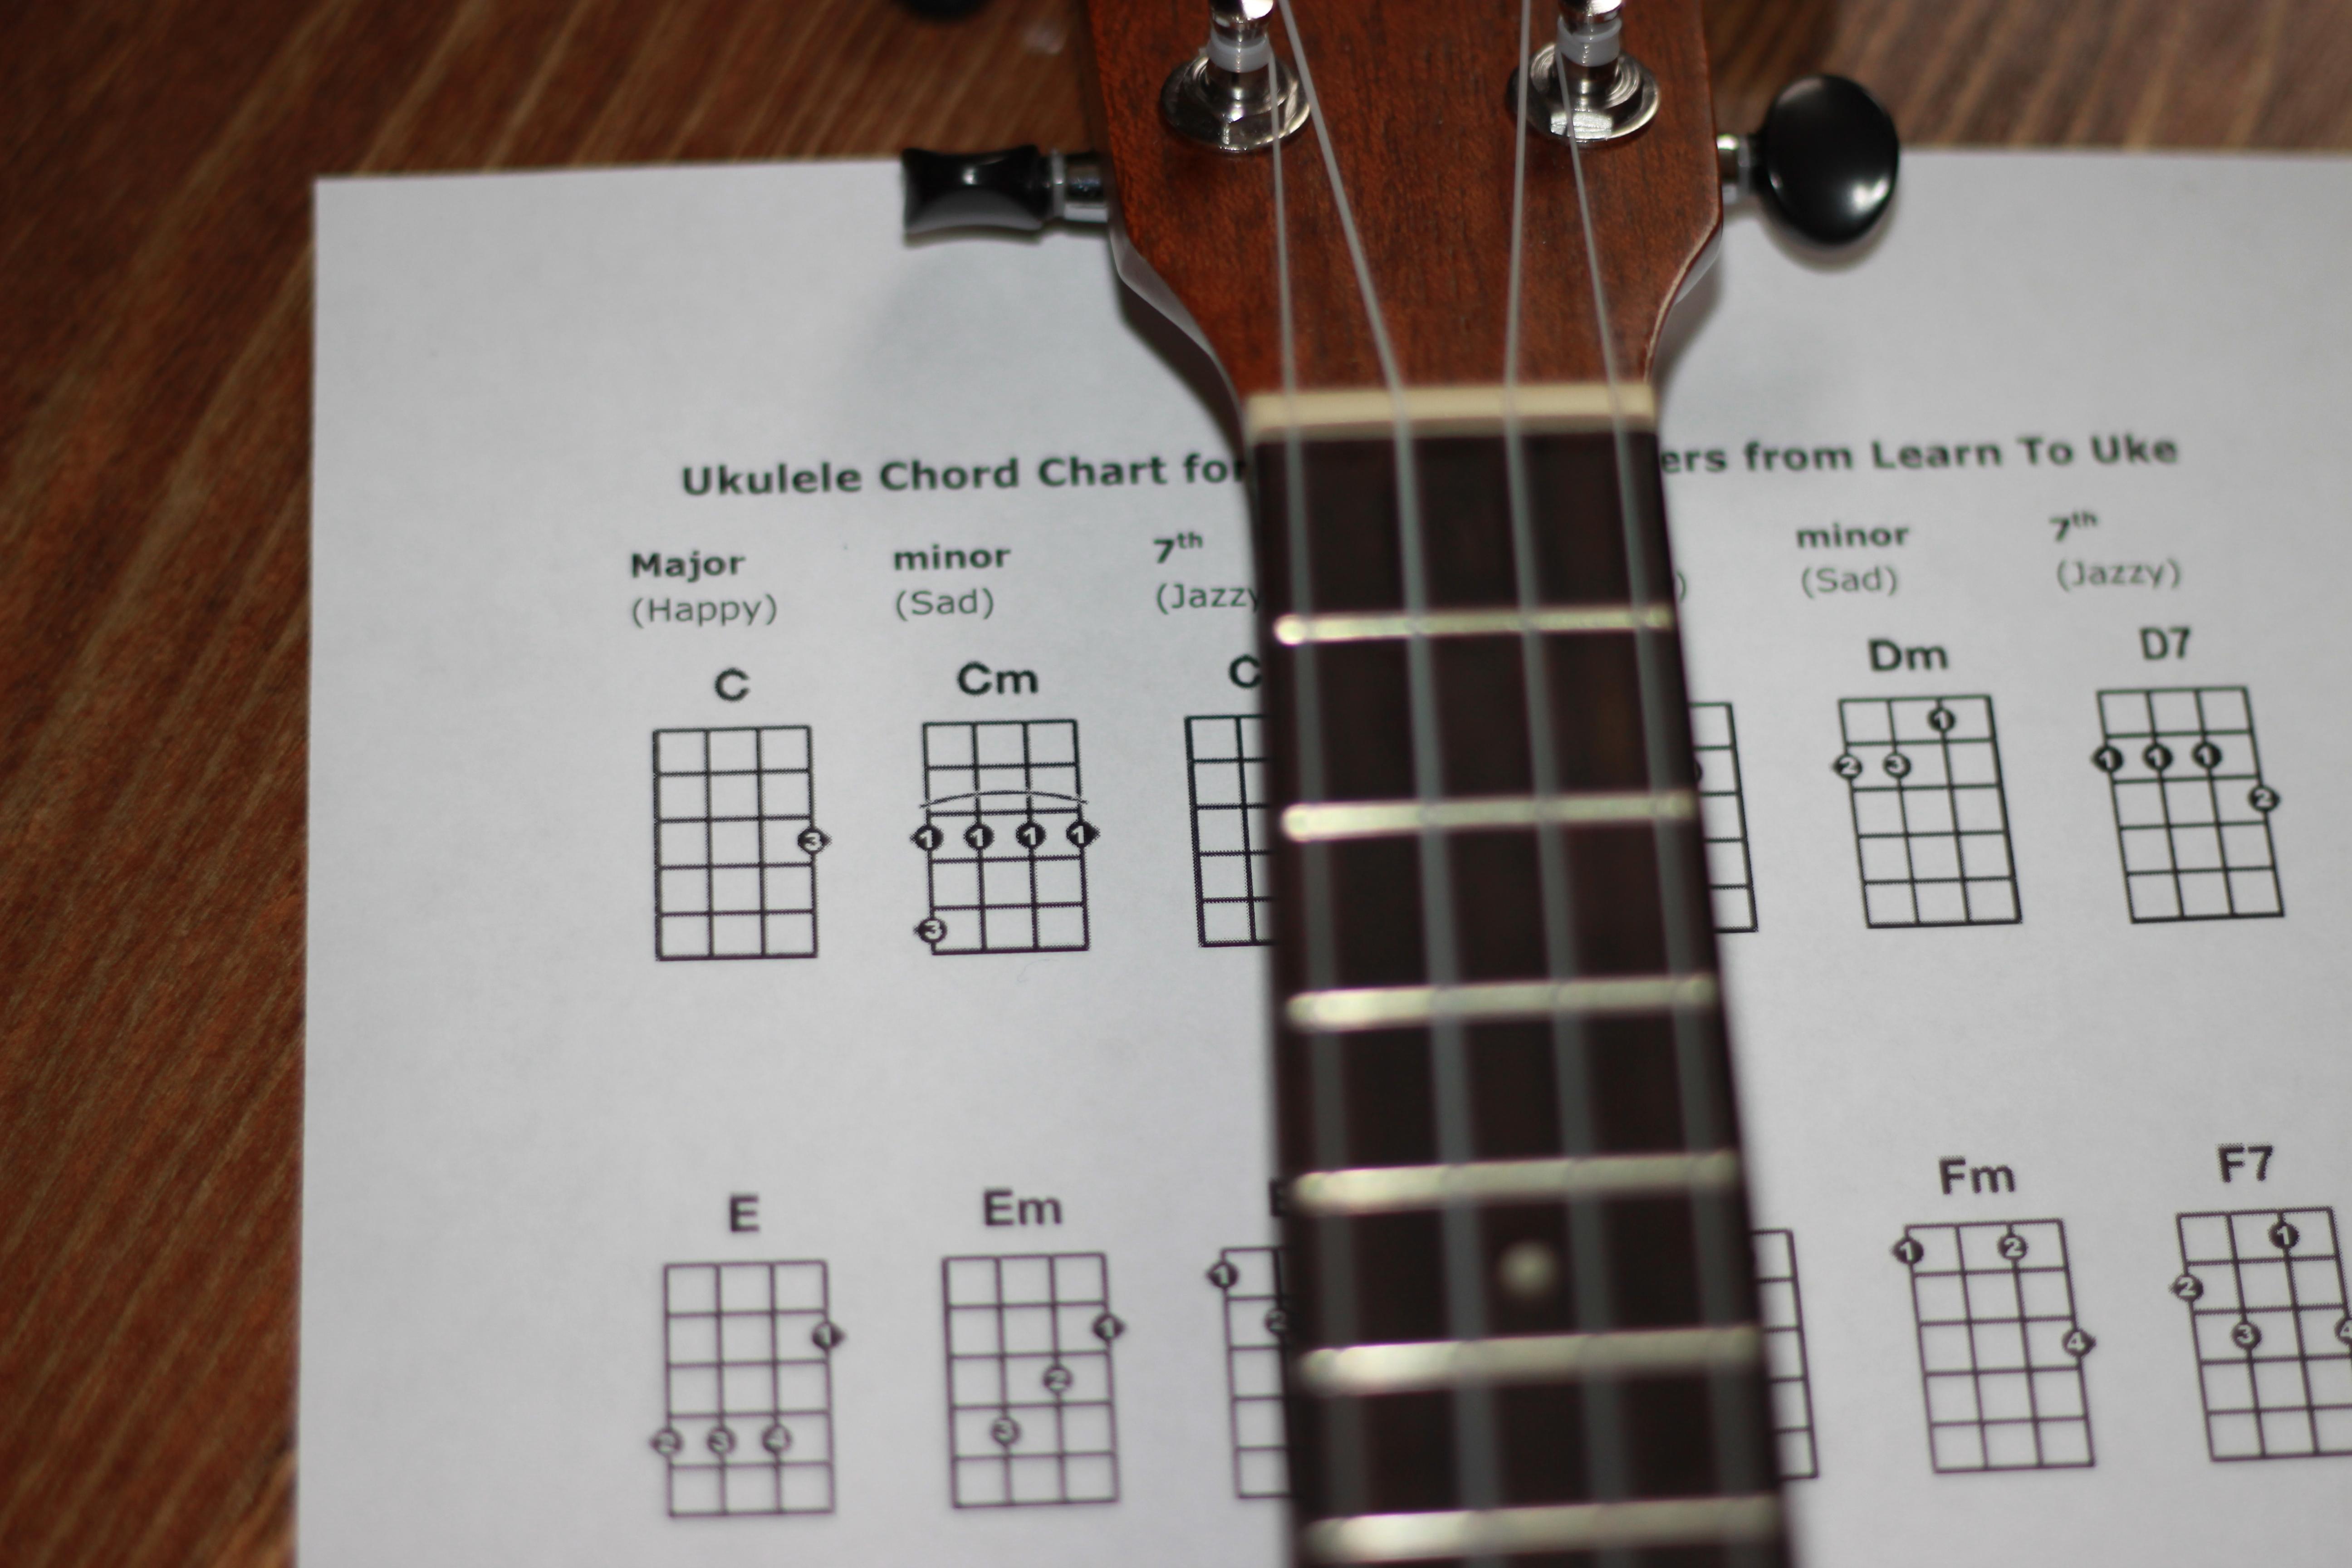 Snap Ukulele Fretboard Diagram Chord Inversions Youtube Next To Chart Learn Uke